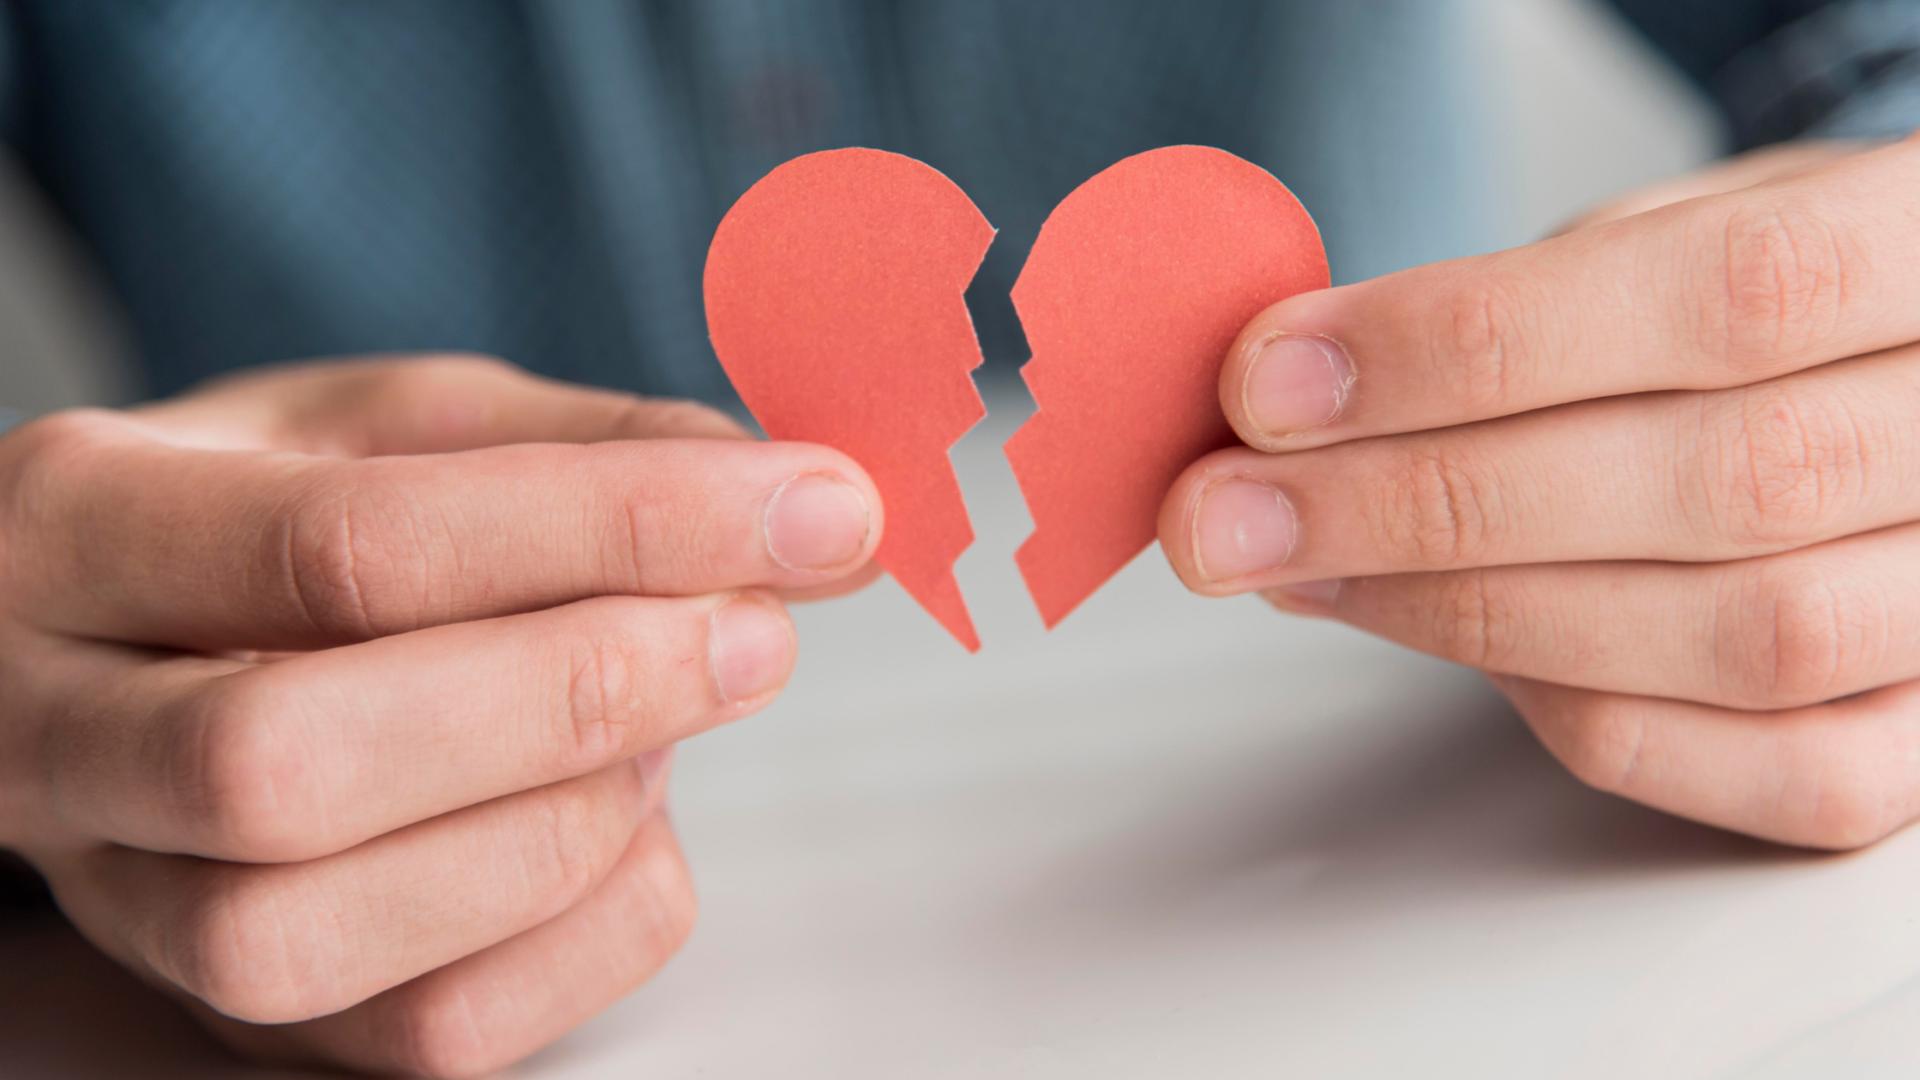 sindrome-do-coração-partido-cardiologia-curitiba